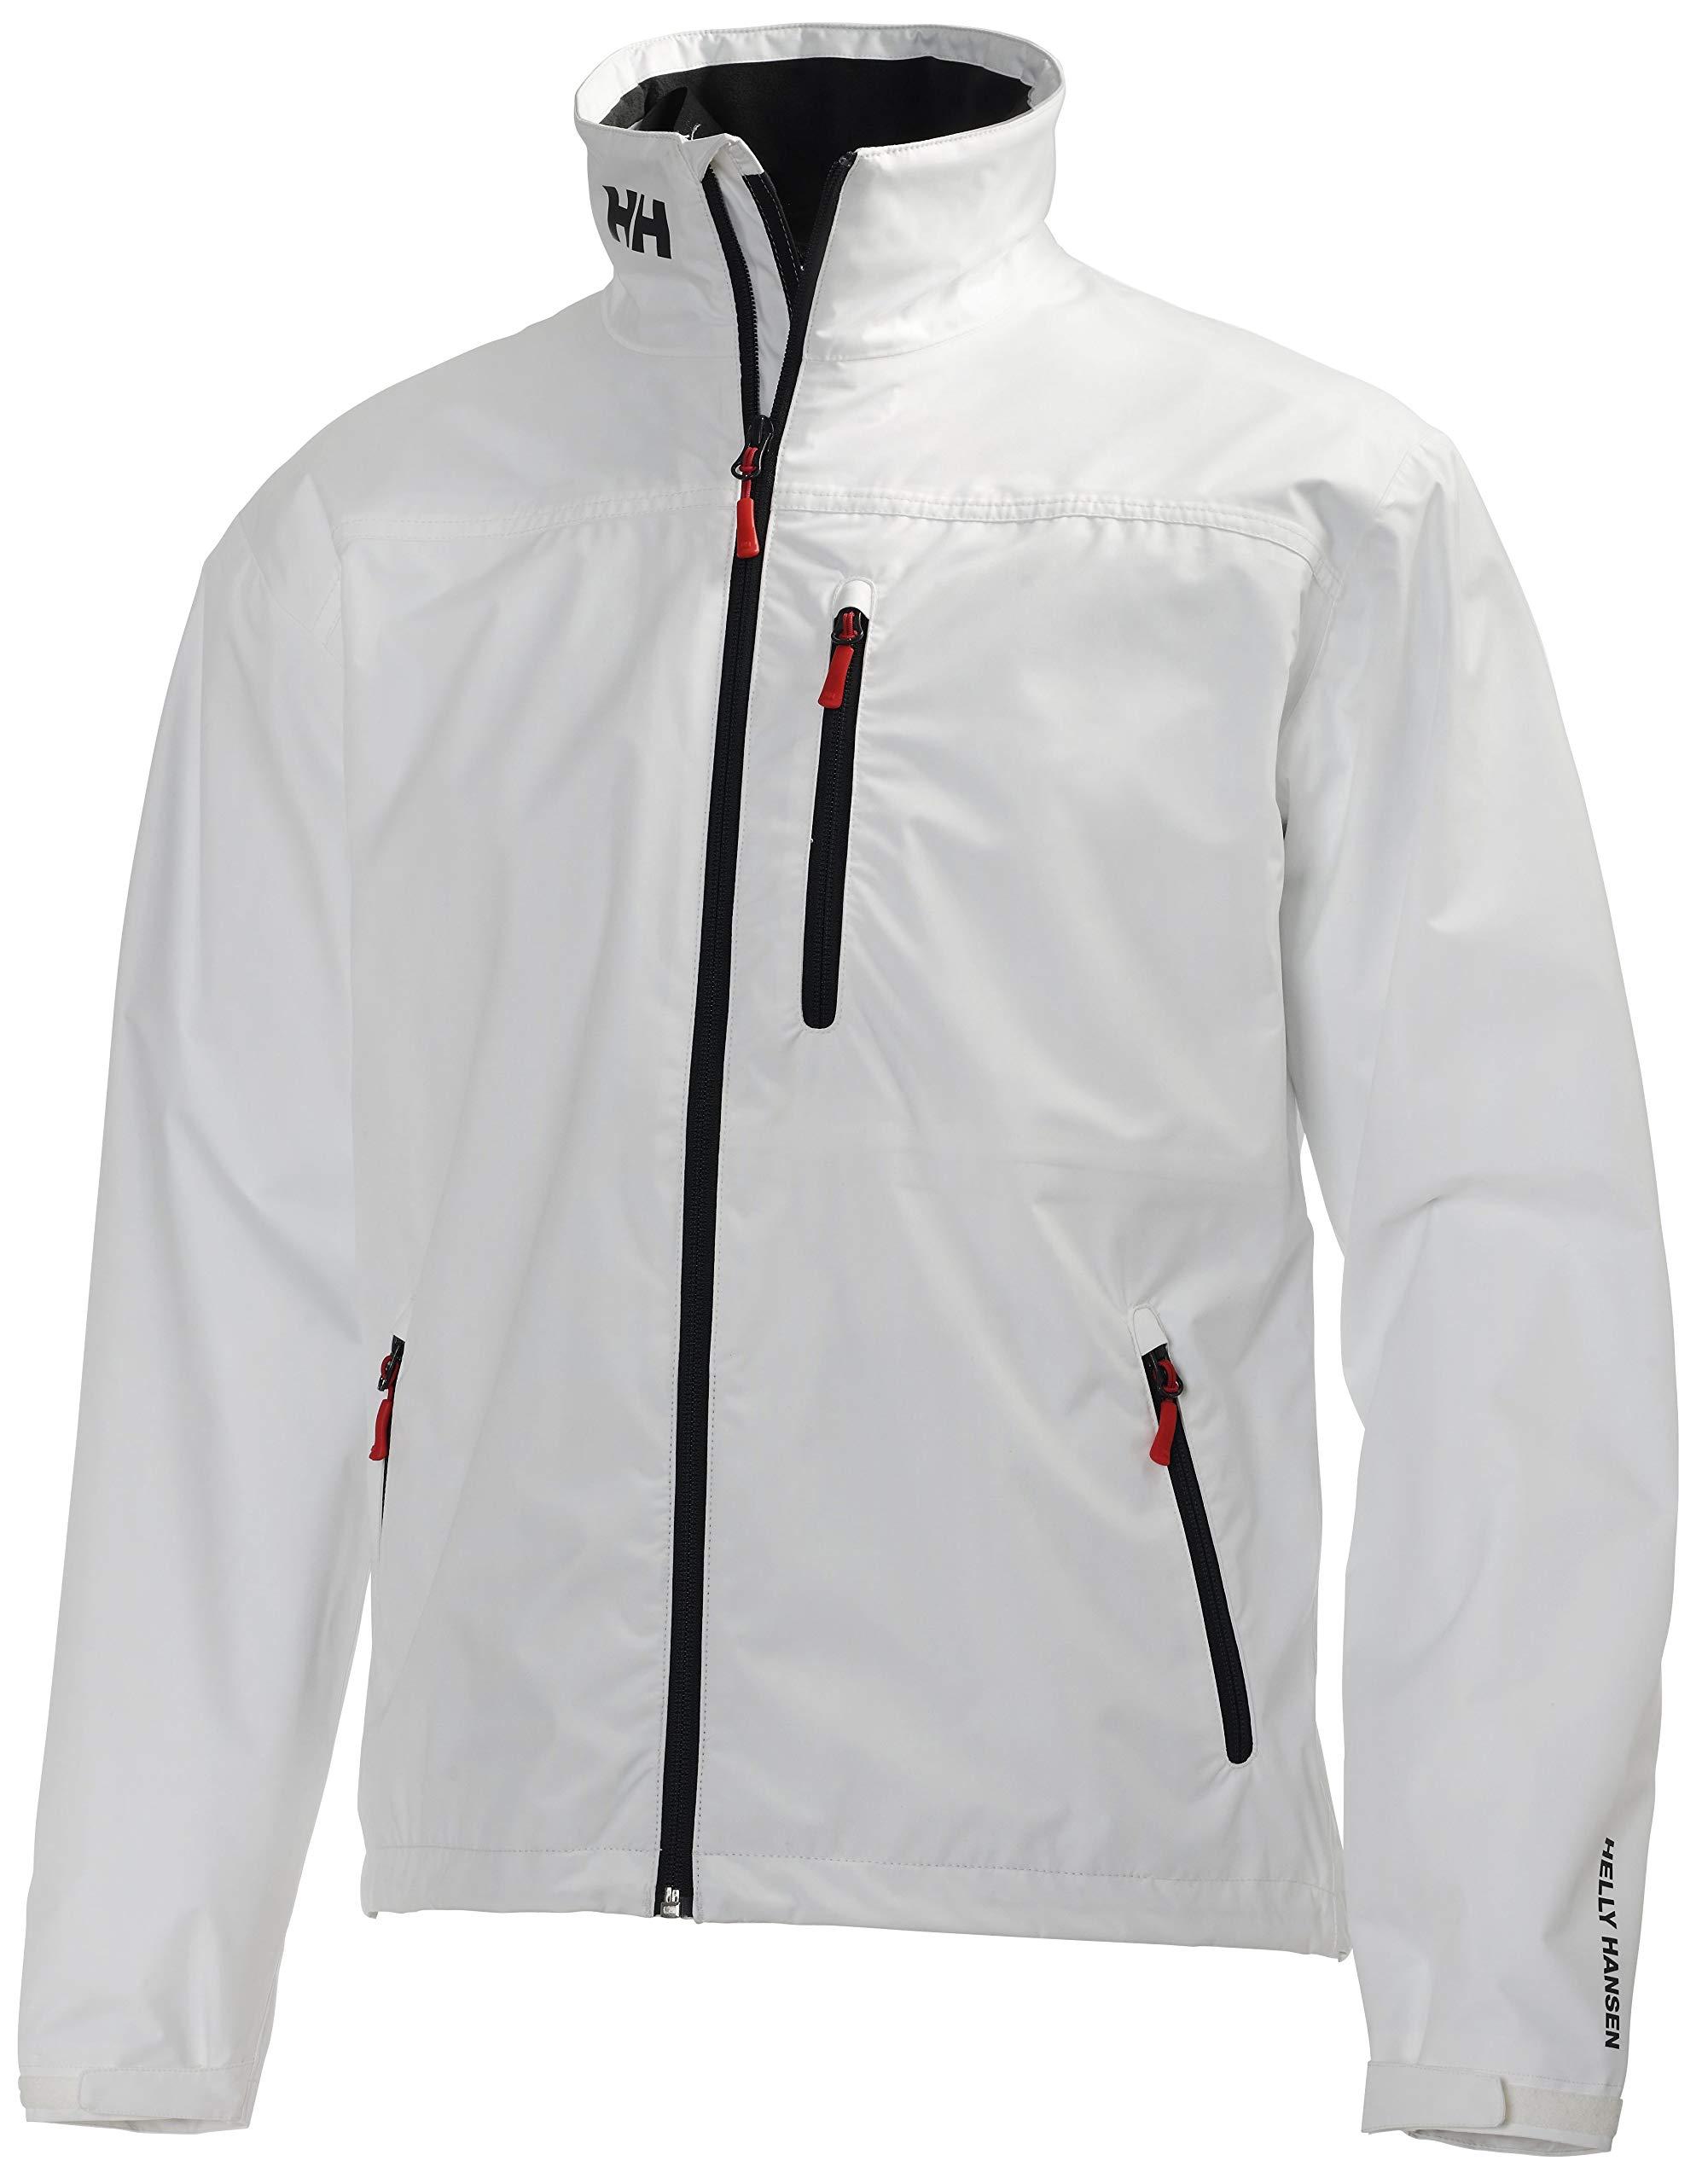 Helly Hansen 34144 Men's Team Crew Midlayer Jacket